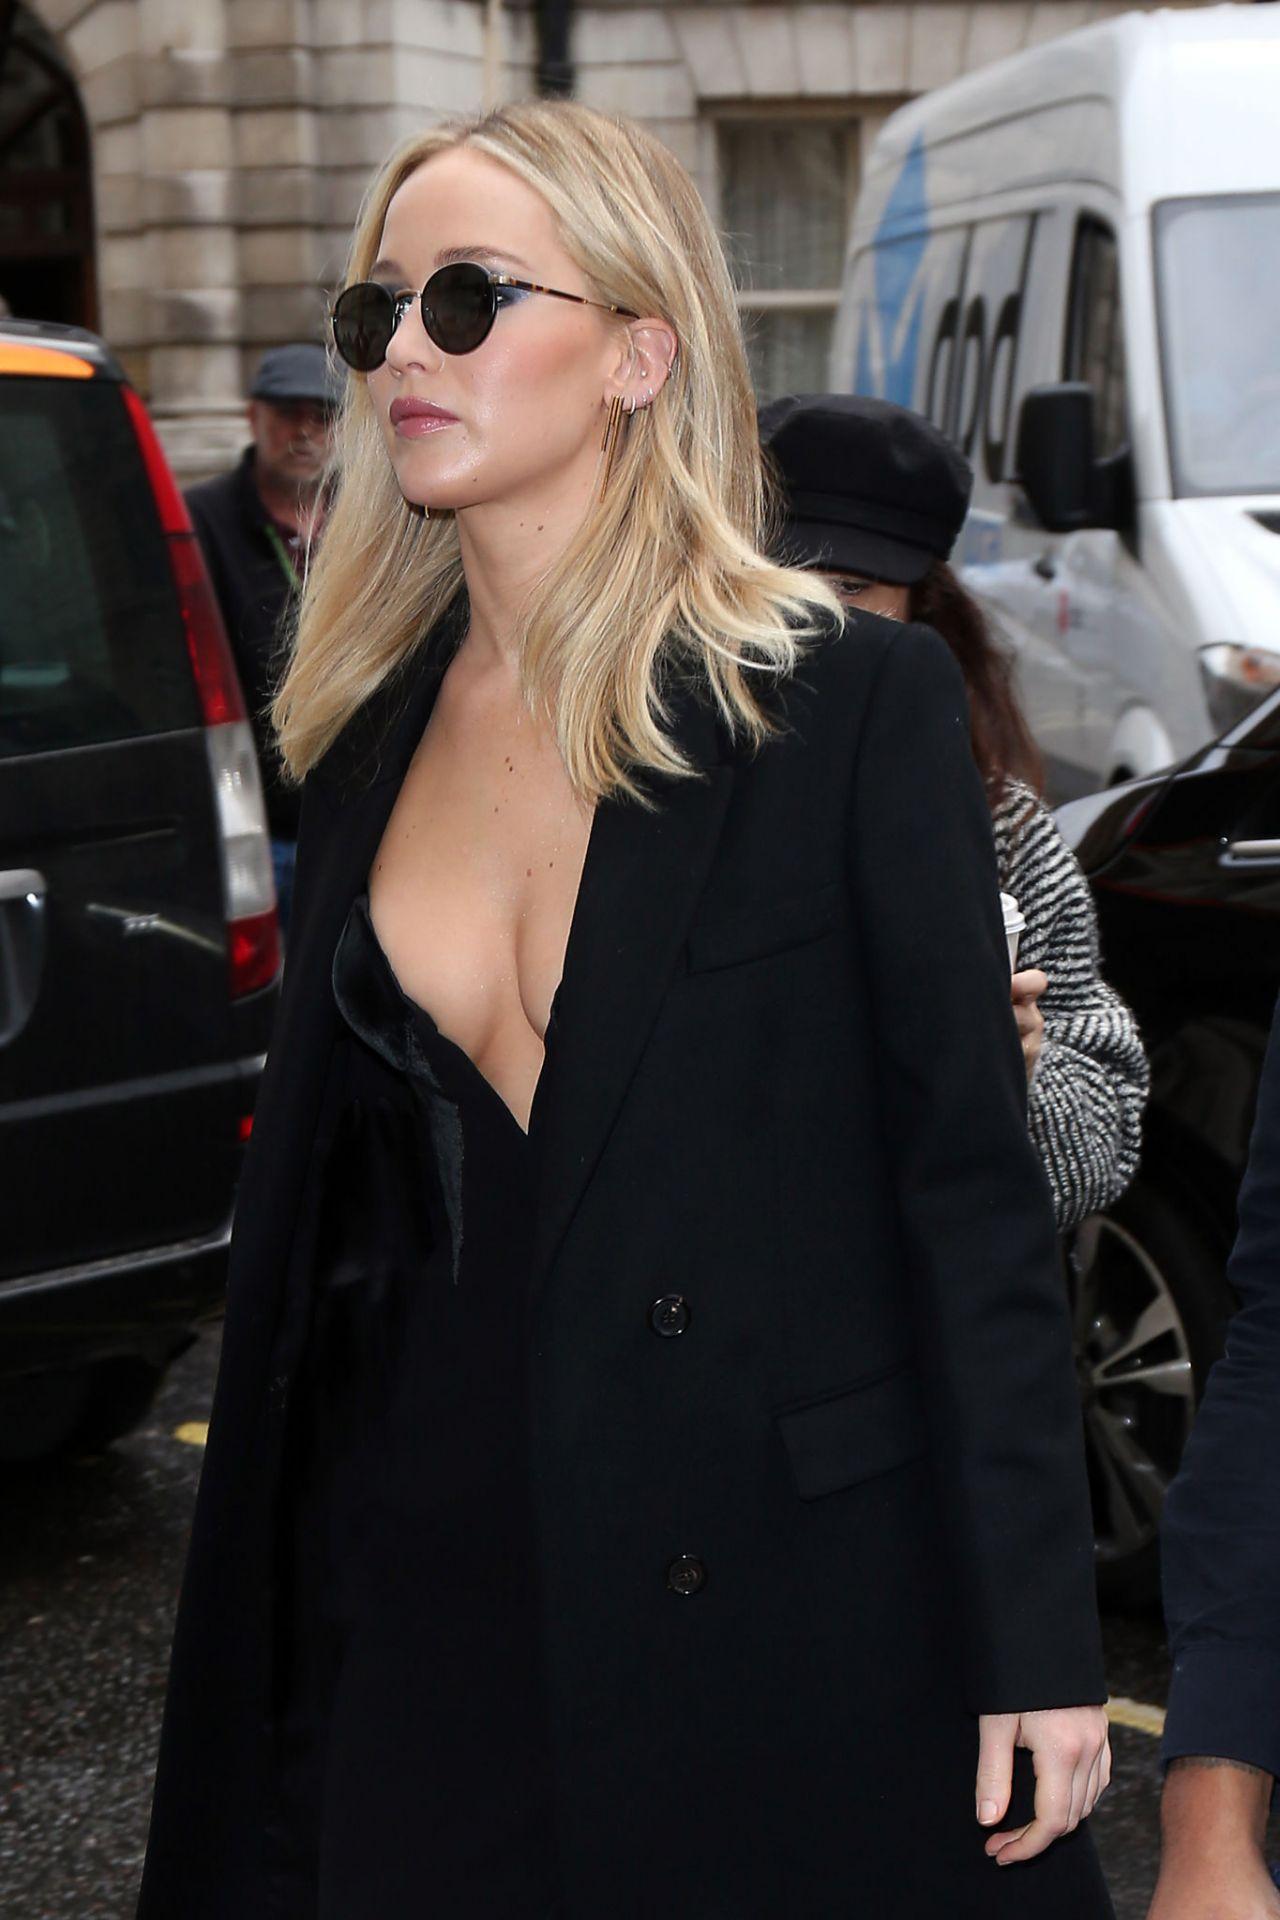 Jennifer Lawrence Style London 02 20 2018